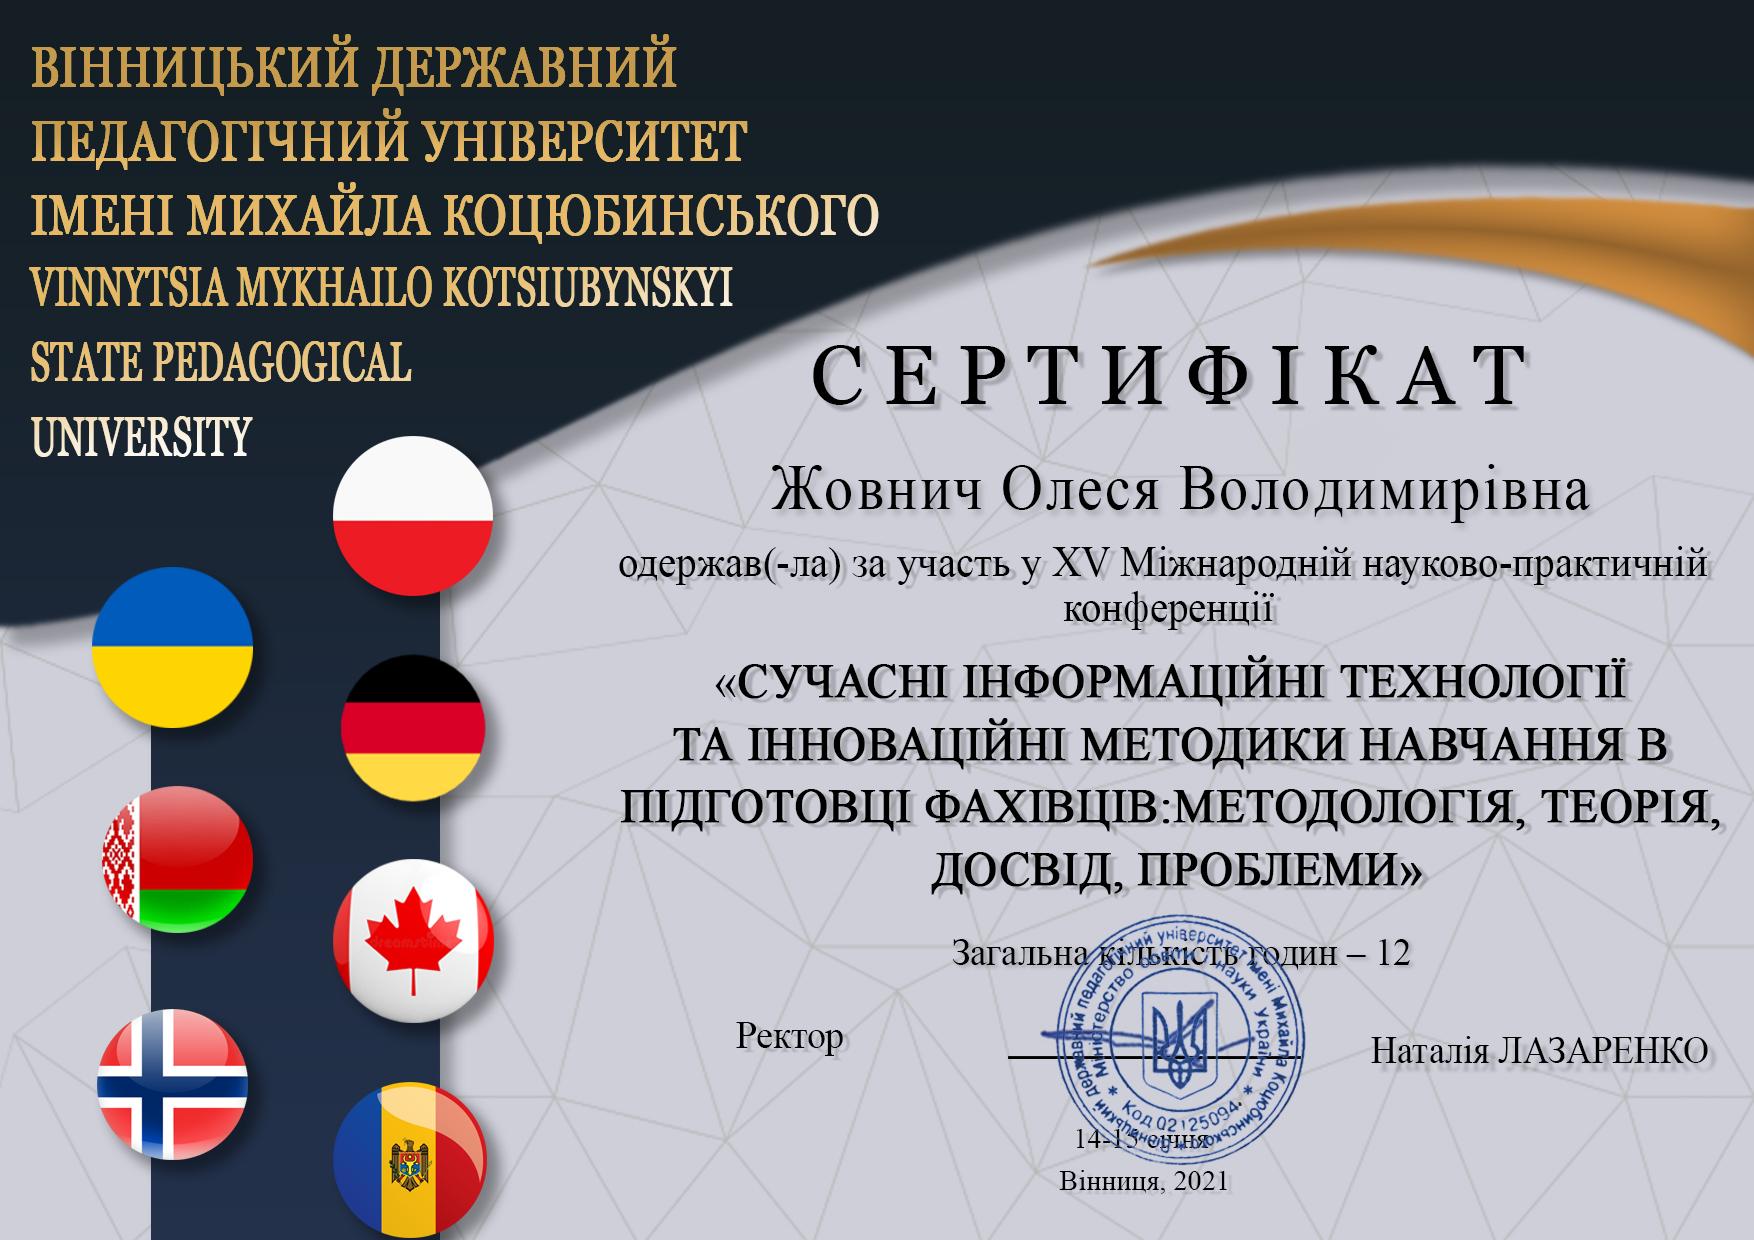 Жовнич Олеся Володимирівна